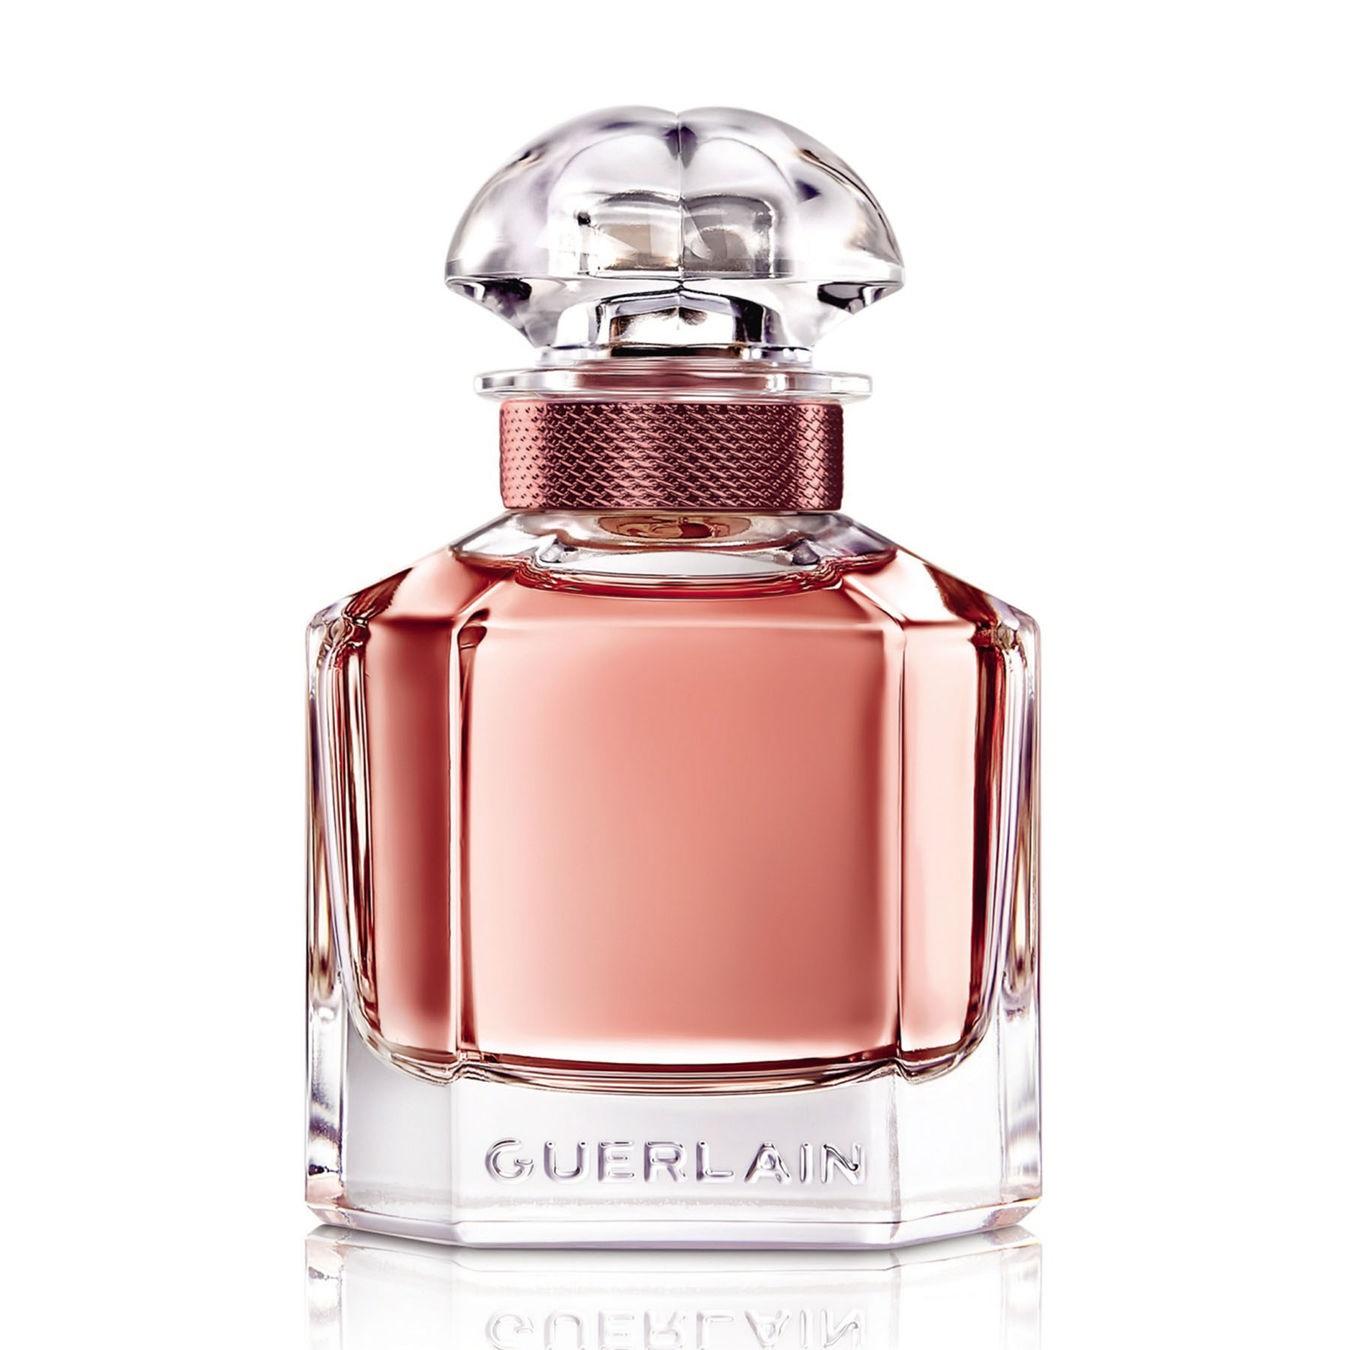 Guerlain Mon Guerlain Eau de Parfum Intense 30 mL